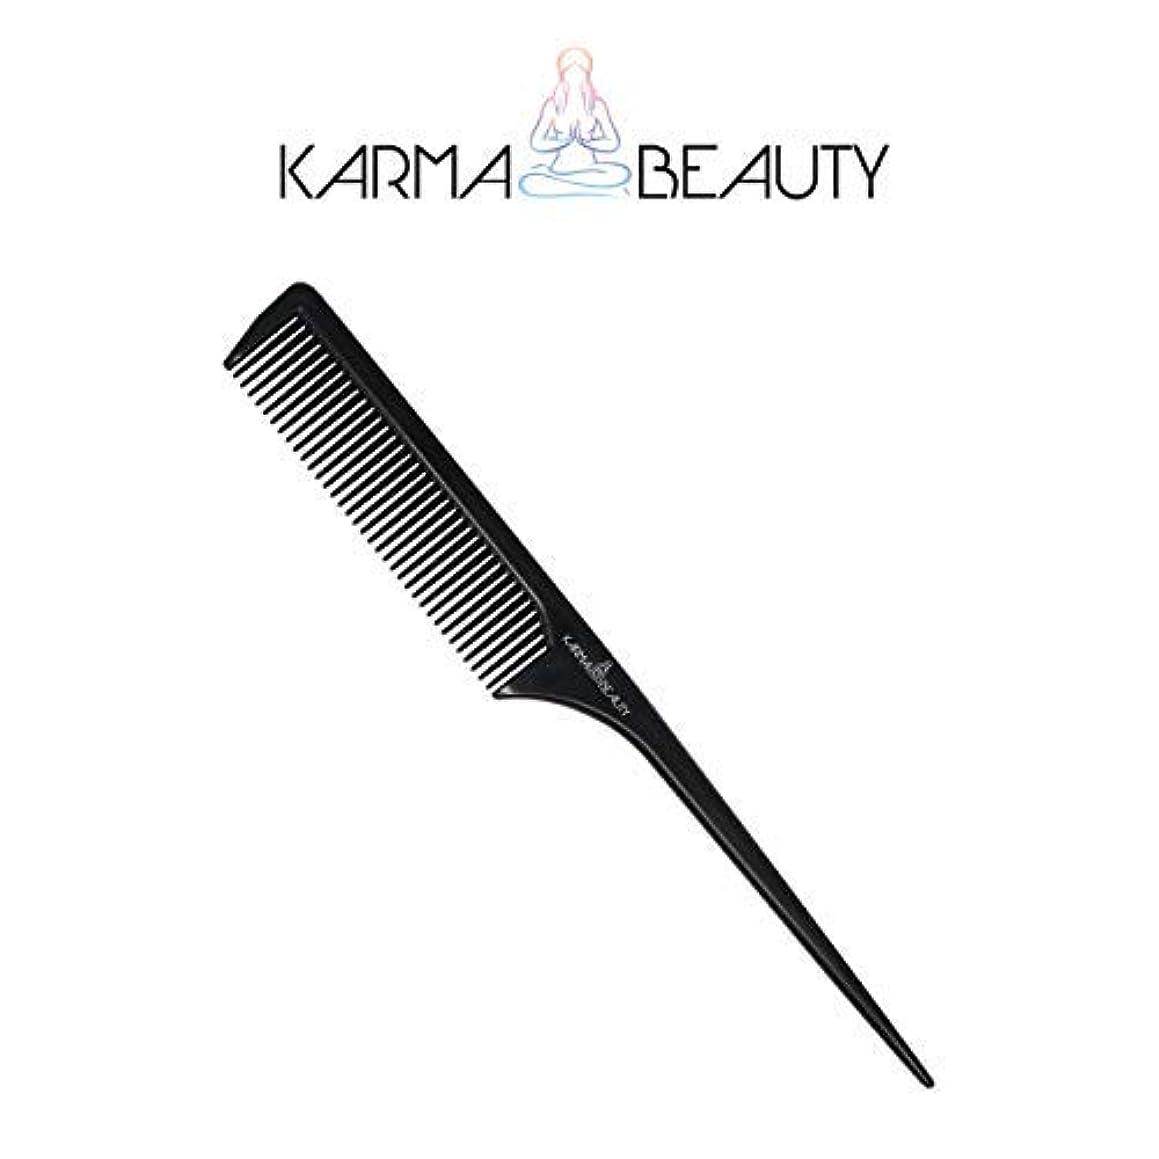 ドラッグゼロミトンTail Comb   Fine Tooth Hair Comb   Thin and Long Handle   Teasing Comb   For All Hair Type   Karma Beauty   (Black...